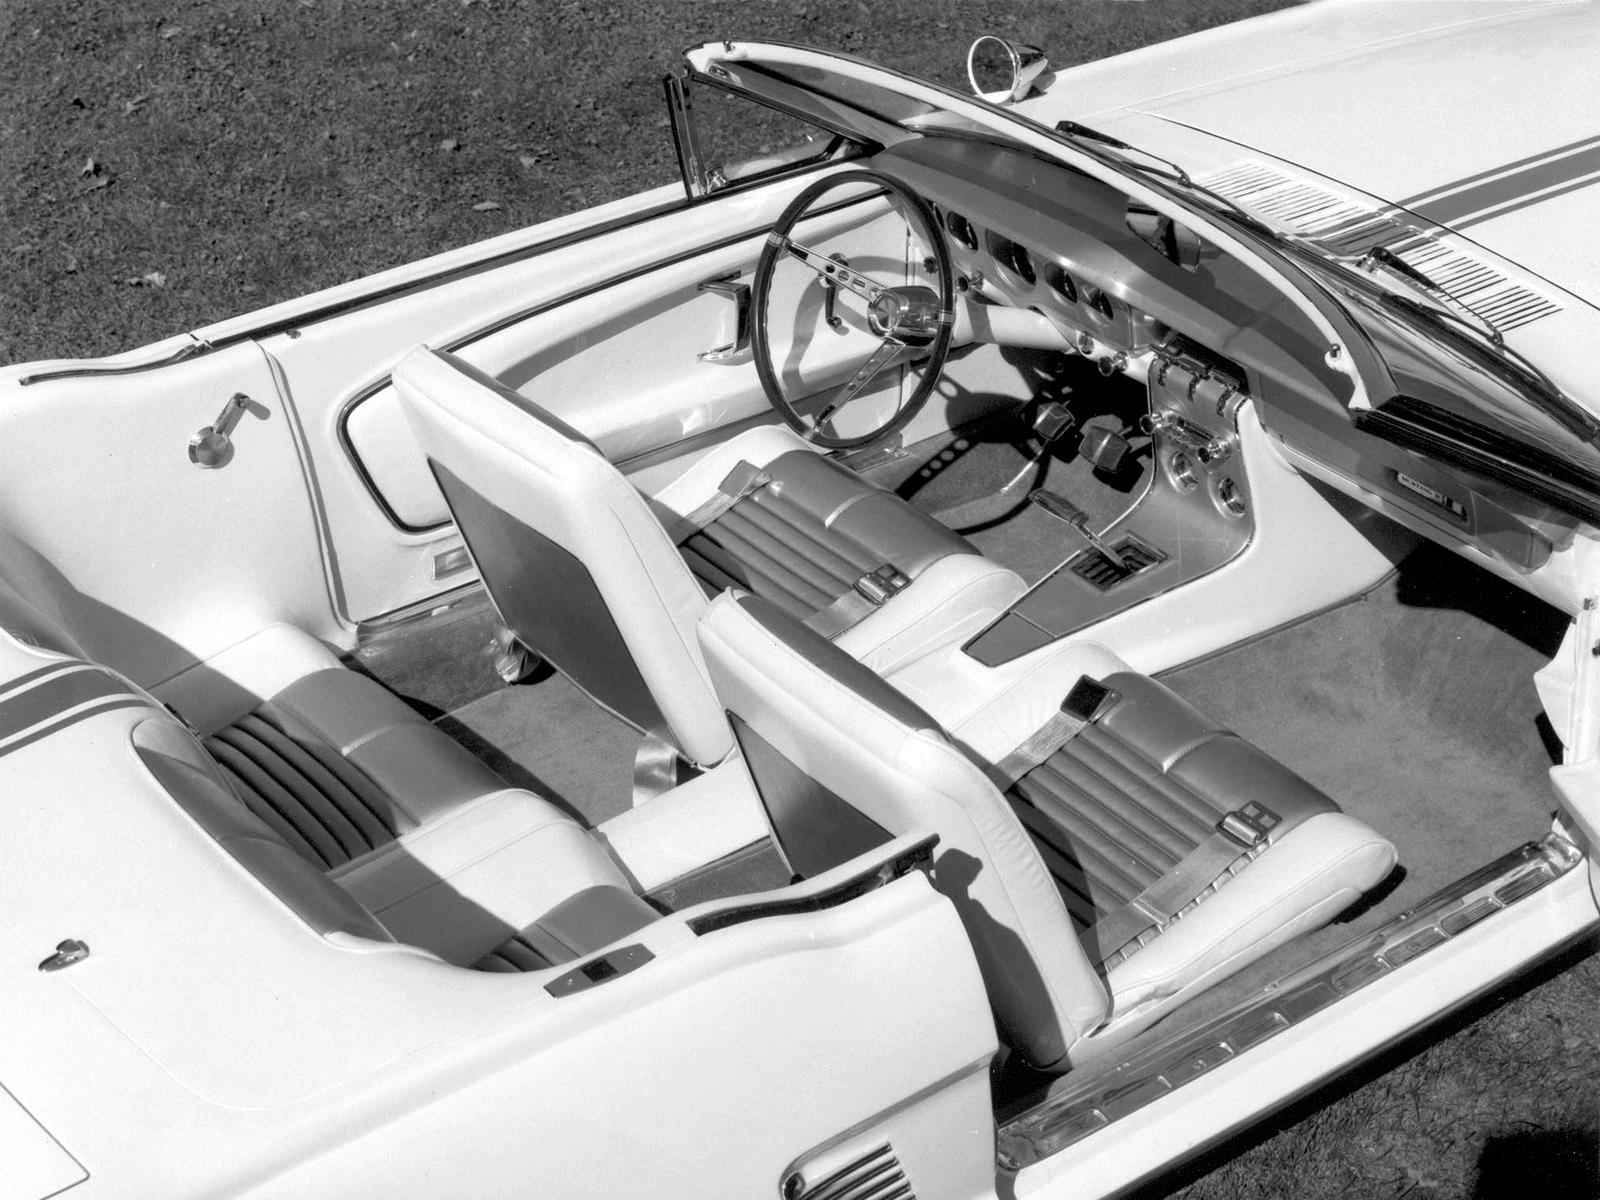 1963 Mustang Ii Concept